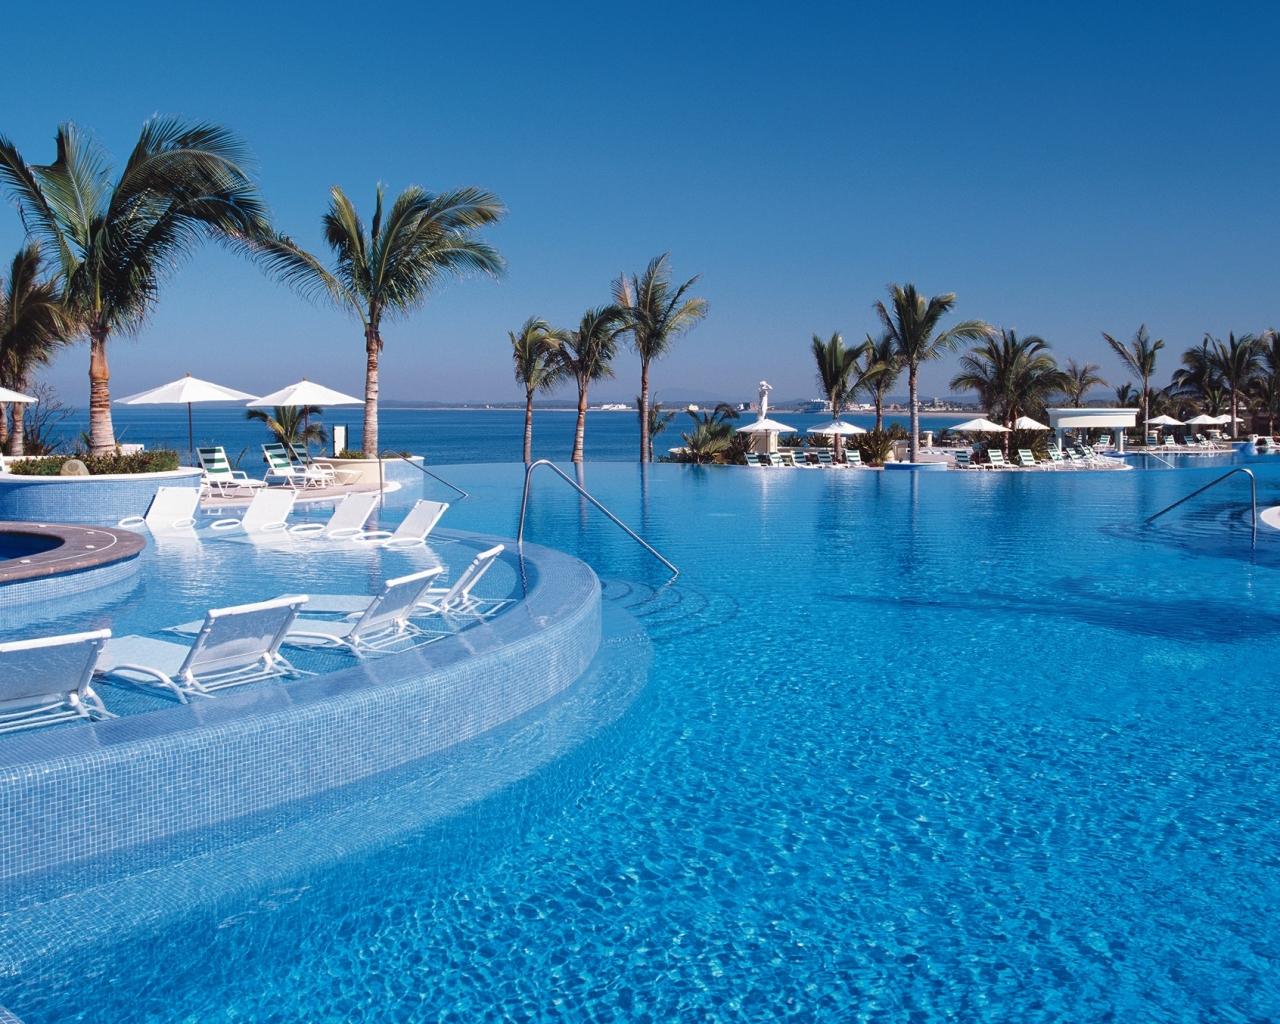 Vacaciones en un hospedaje frente al mar - 1280x1024